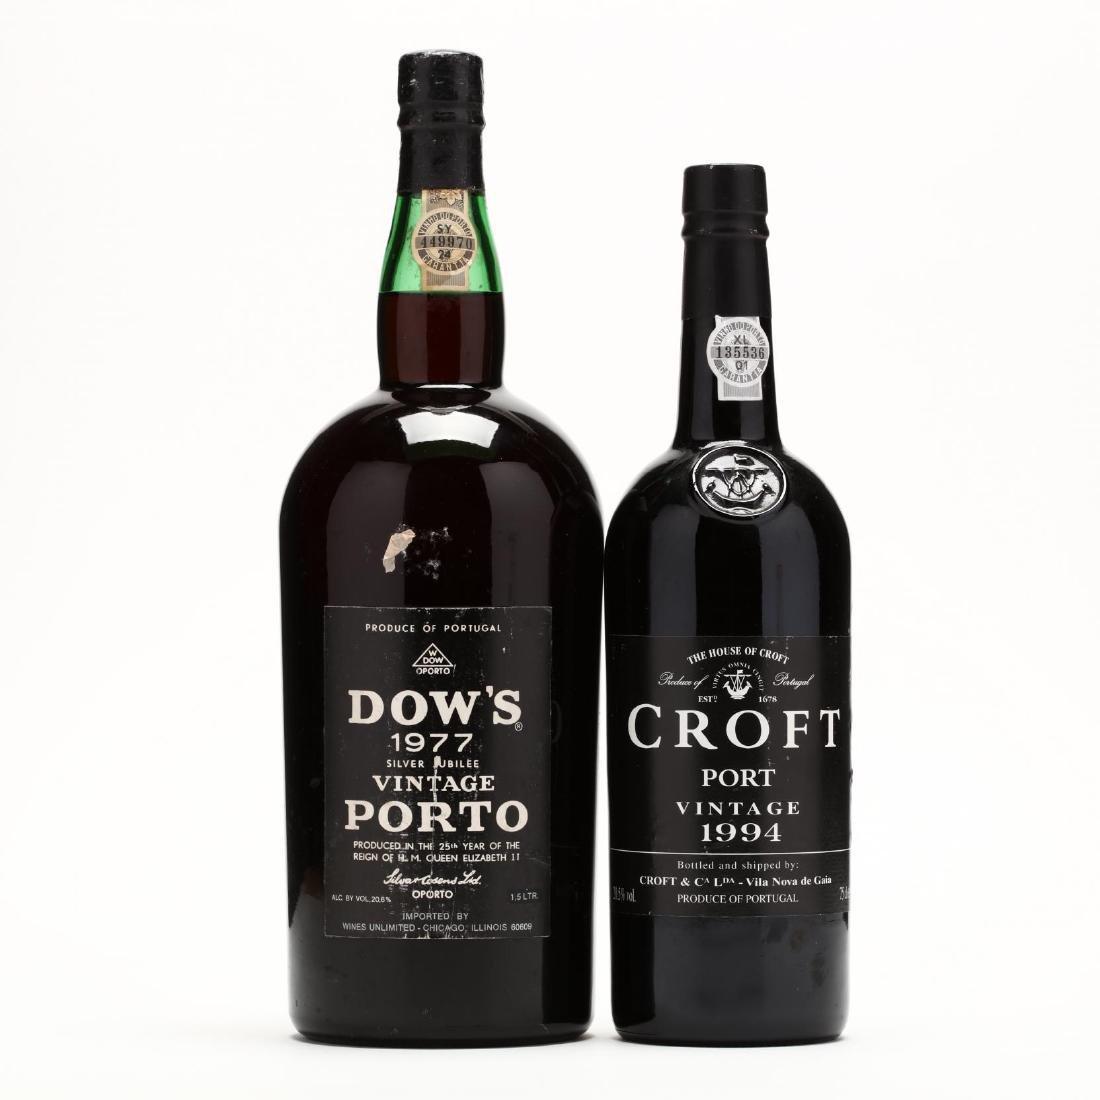 1977 & 1994 Vintage Port